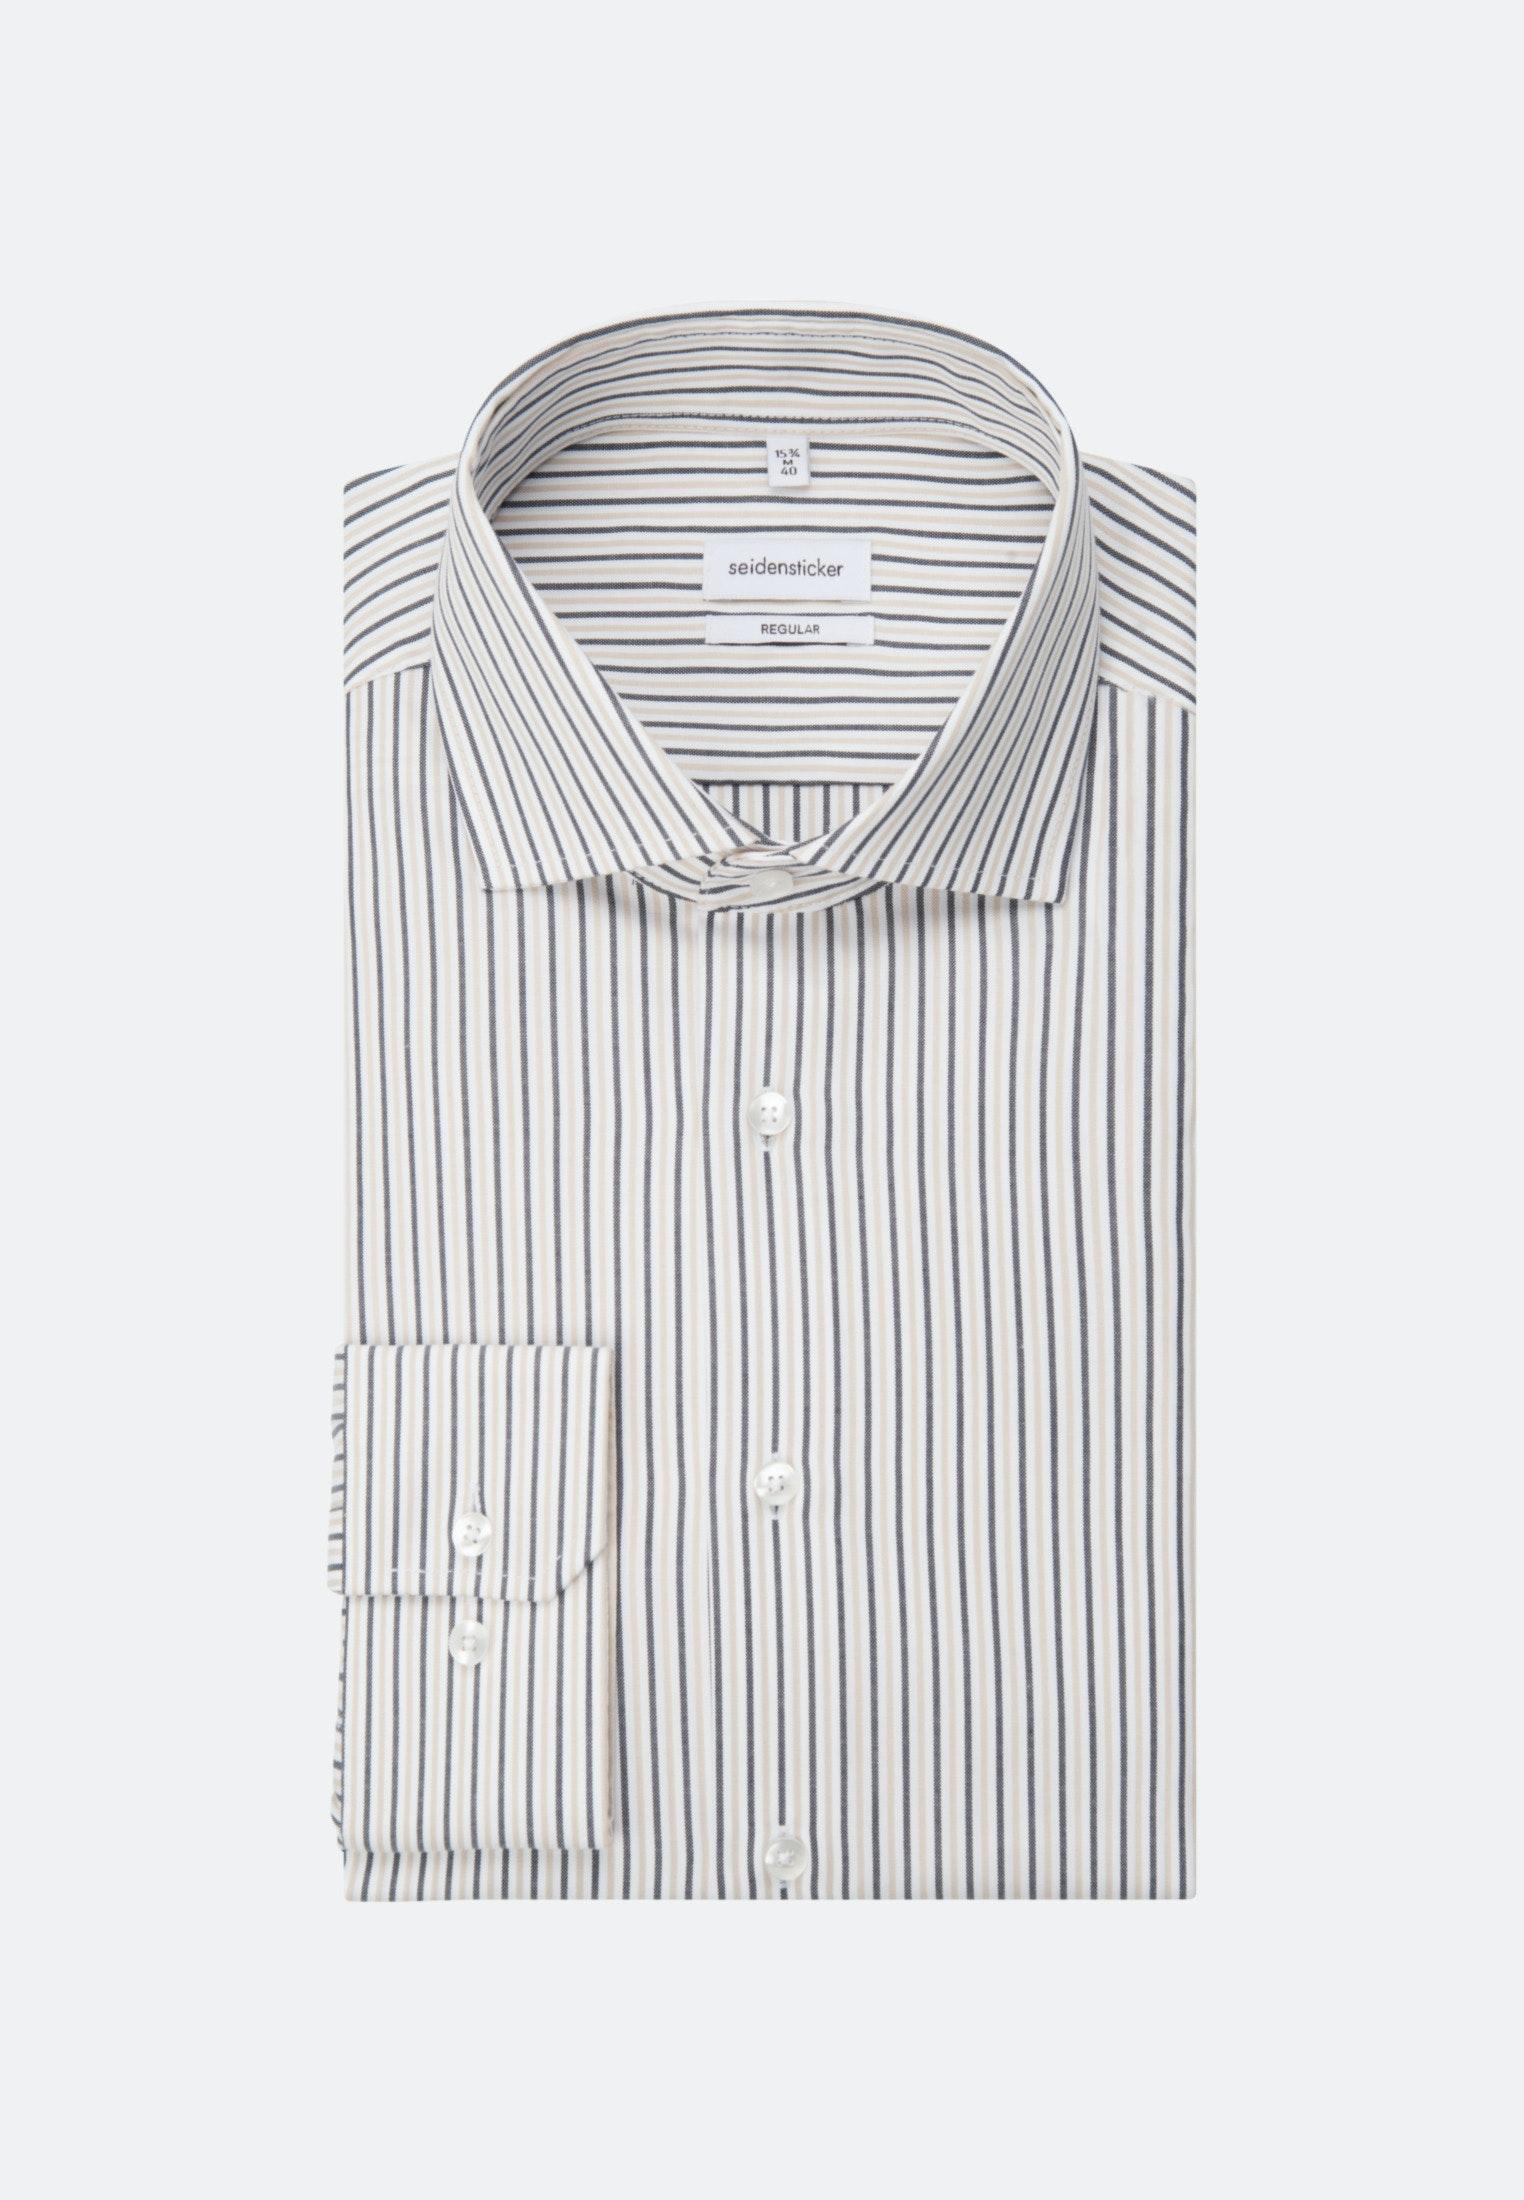 Artikel klicken und genauer betrachten! - Ein verspielter Streifen-Look an einem modern, sportlich geschnittenem Hemd. Dieses Hemd überzeugt auf voller Linie mit seiner Oxford-Webart und den Streifen mit Wiedererkennungswert. Der Schnitt des Hemdes sorgt für die optimale Passform, die durch den Light-Spread-Kent-Kragen noch unterstrichen wird. Legerer Hingucker mit weitenverstellbaren Manschetten.   im Online Shop kaufen